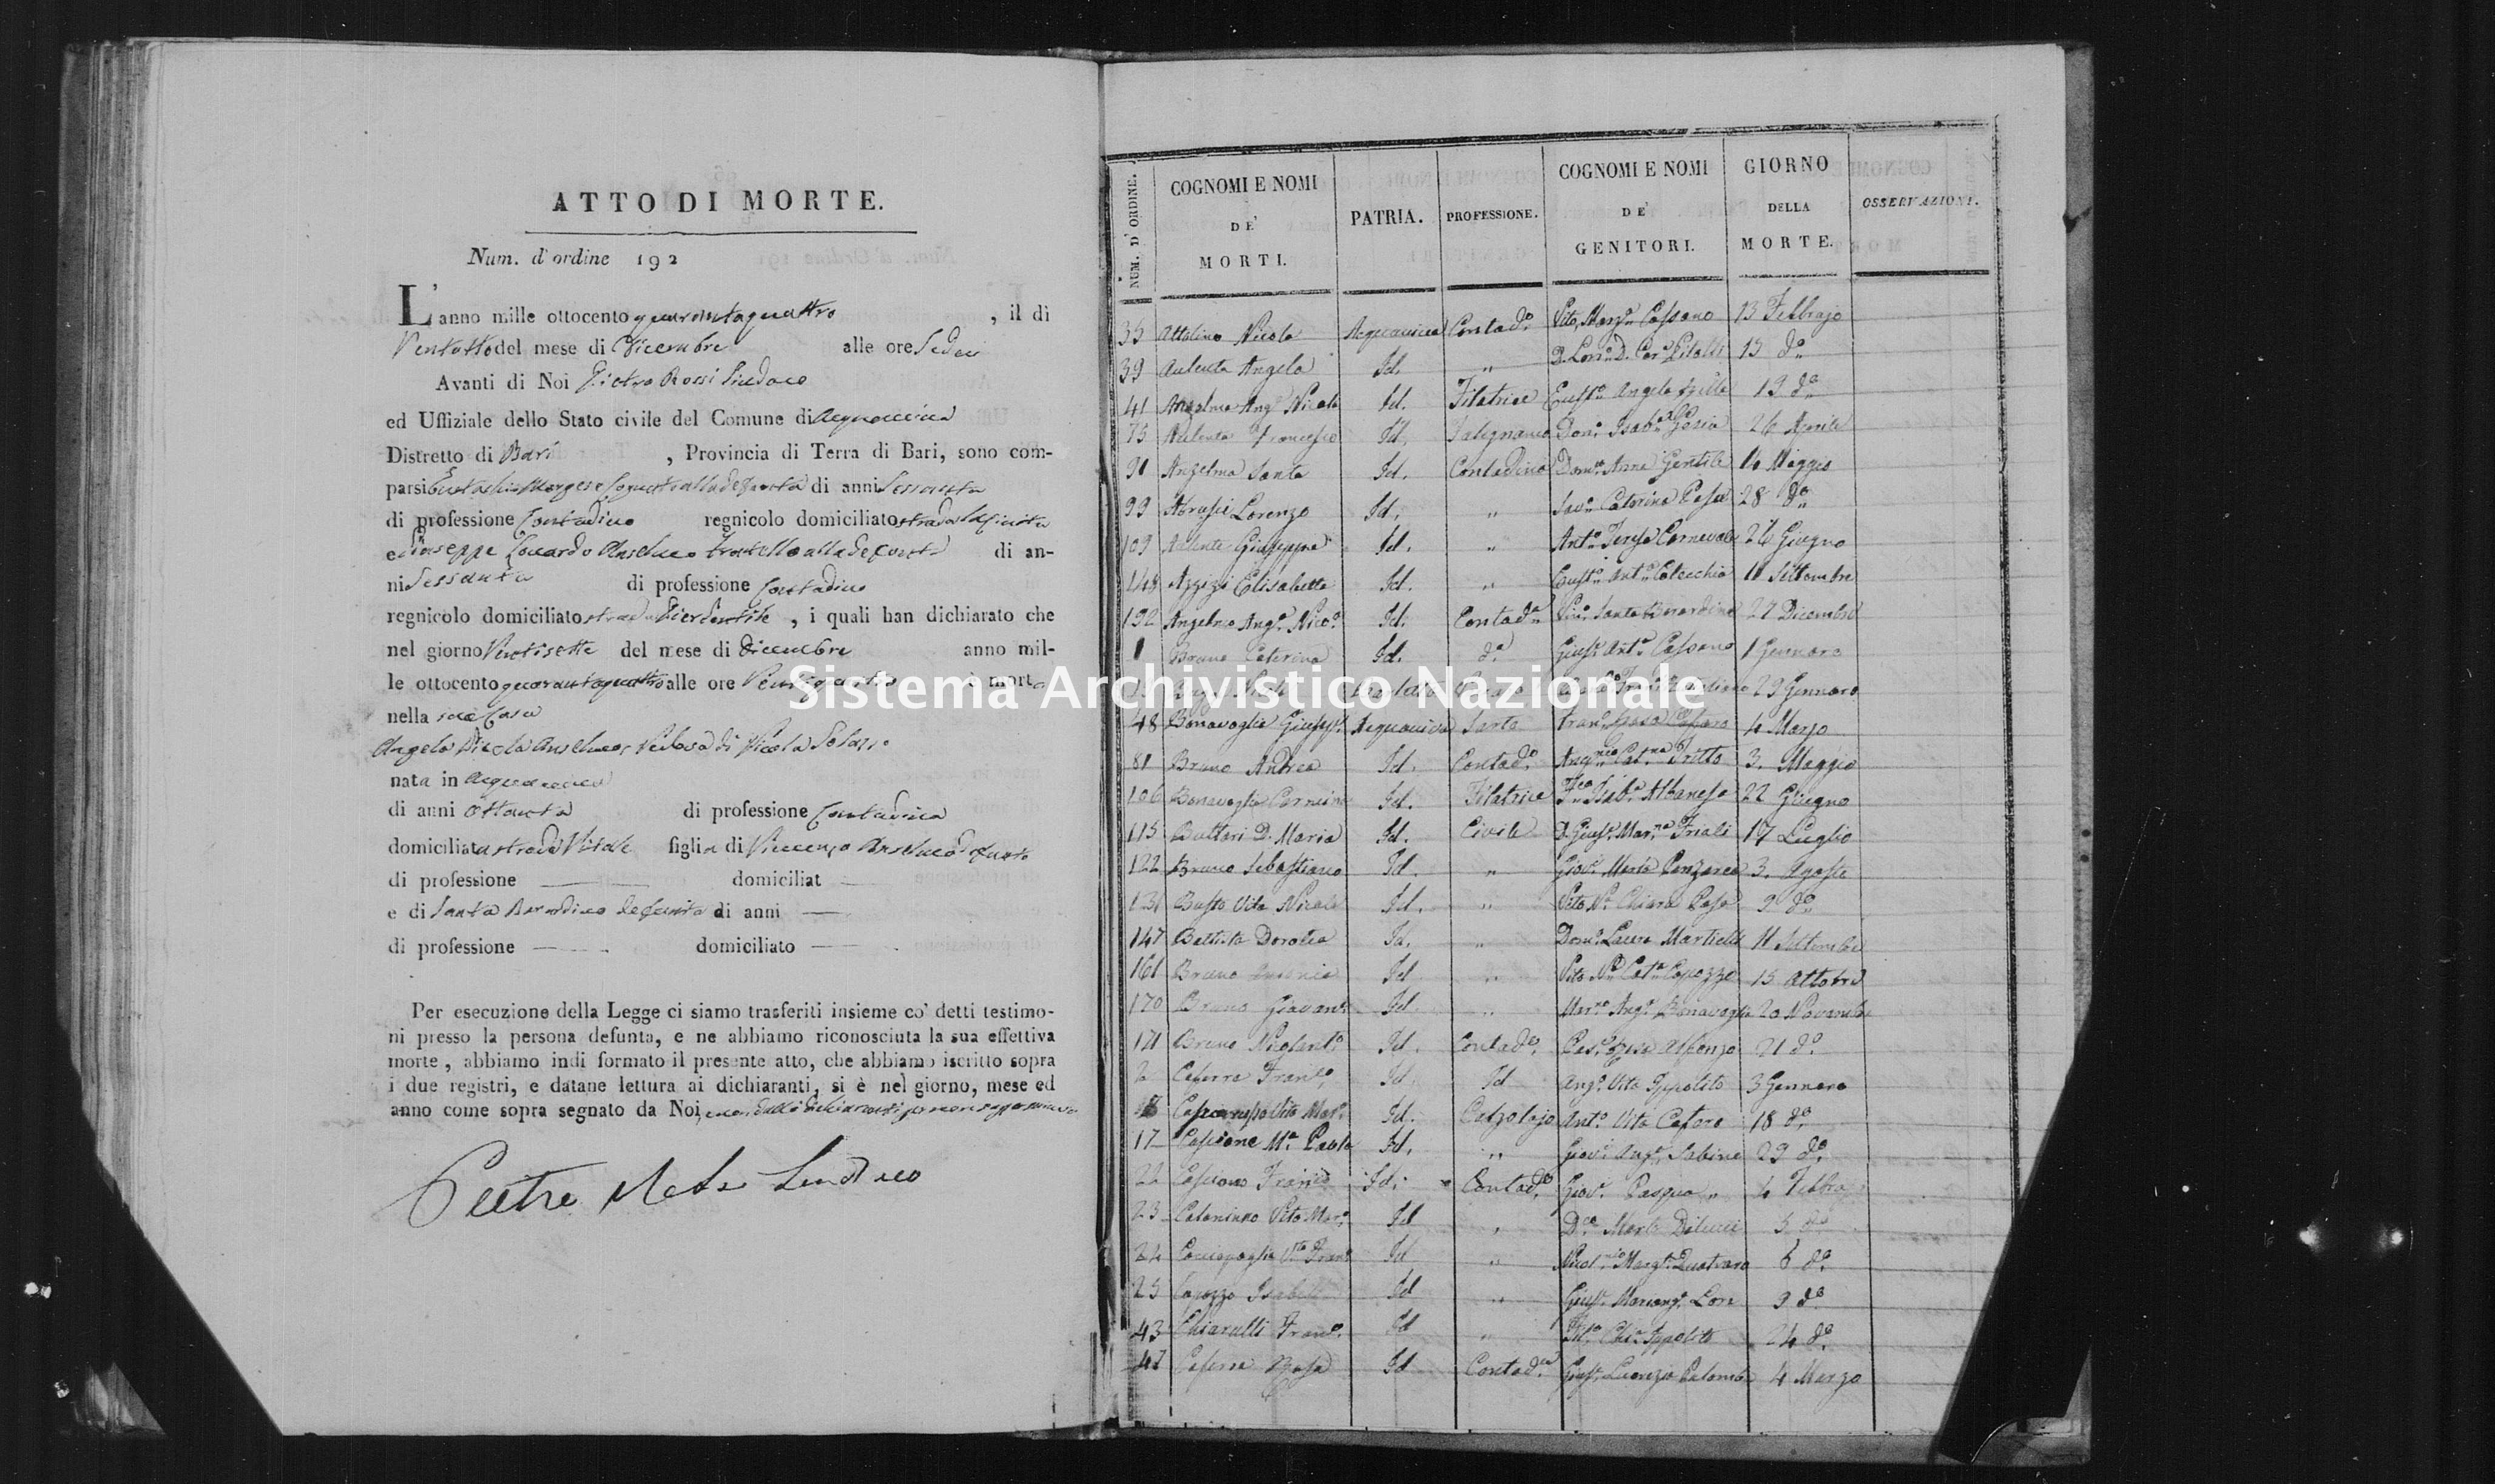 Archivio di stato di Bari - Stato civile della restaurazione - Acquaviva - Morti, indice - 1844 -